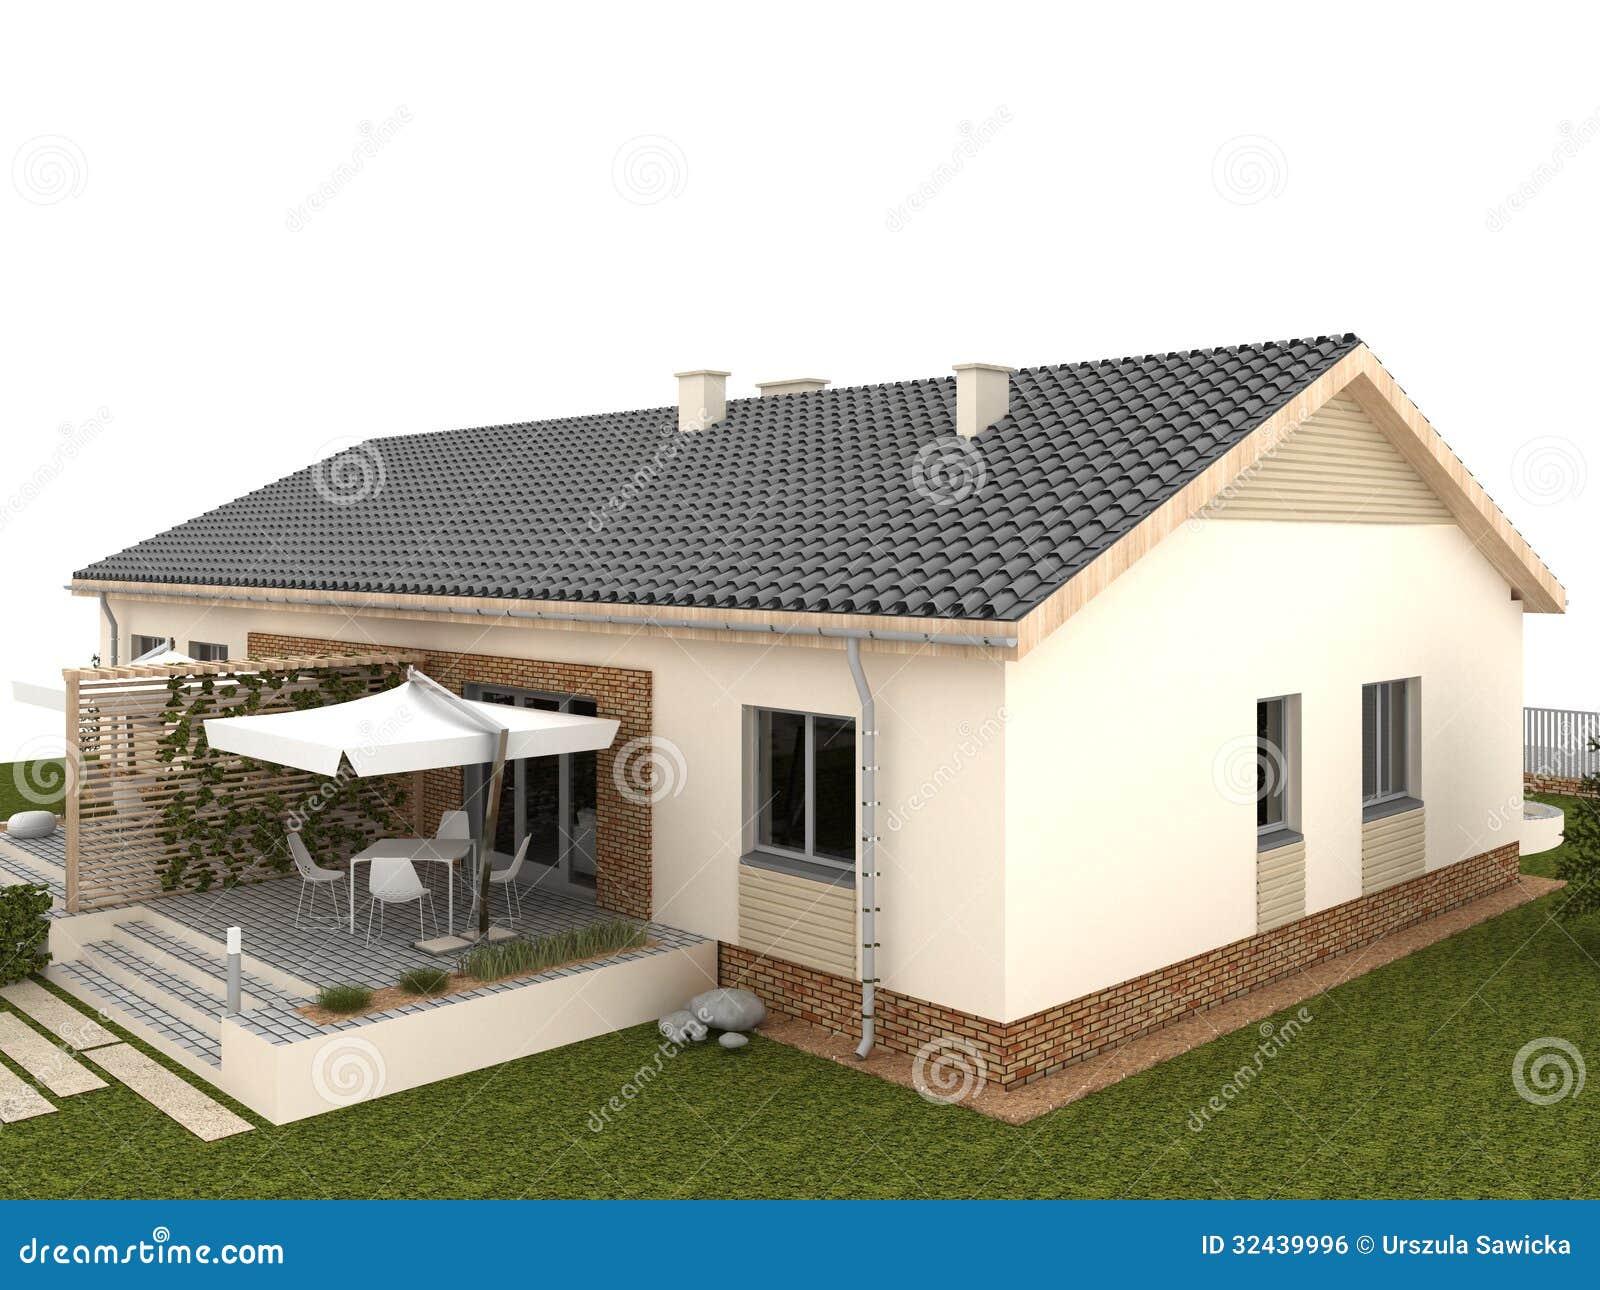 Cortile della casa classica con il terrazzo ed il giardino for Giardino casa classica